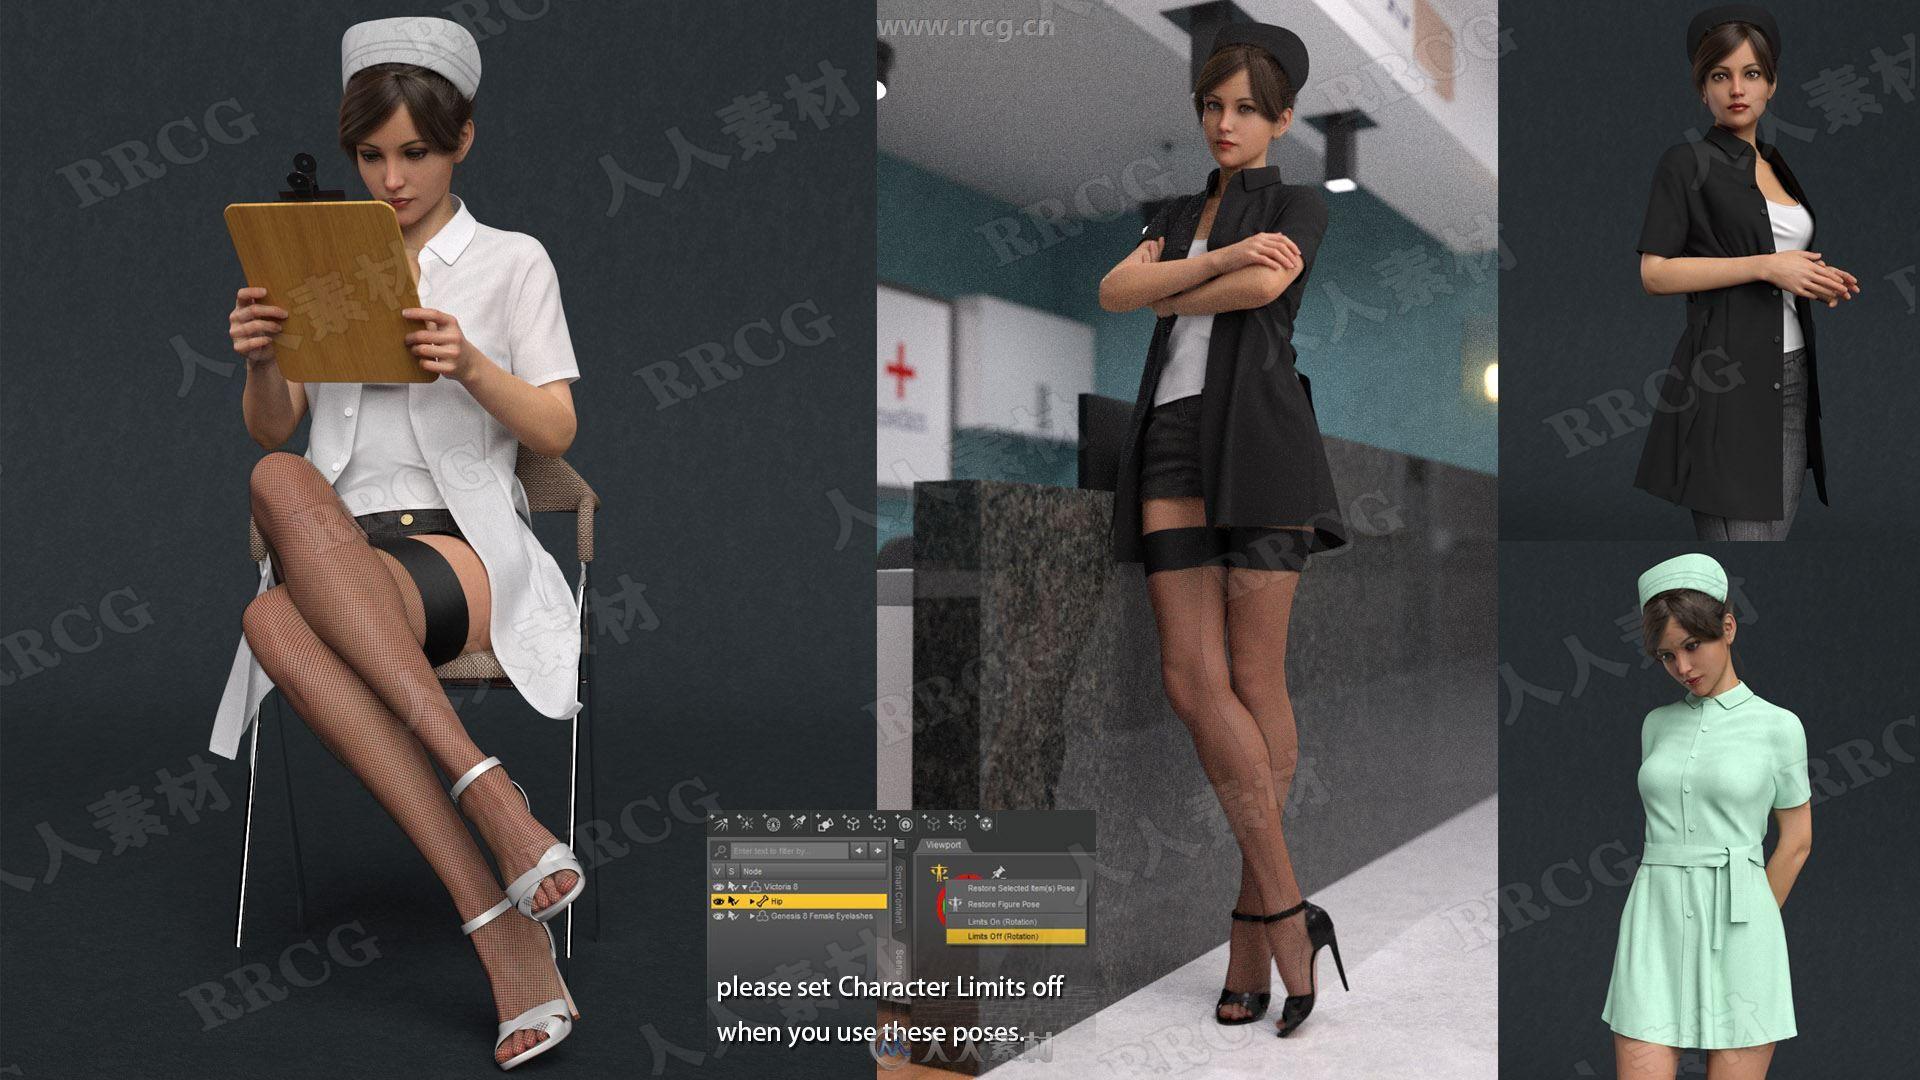 护士角色服饰与姿势D模型合集